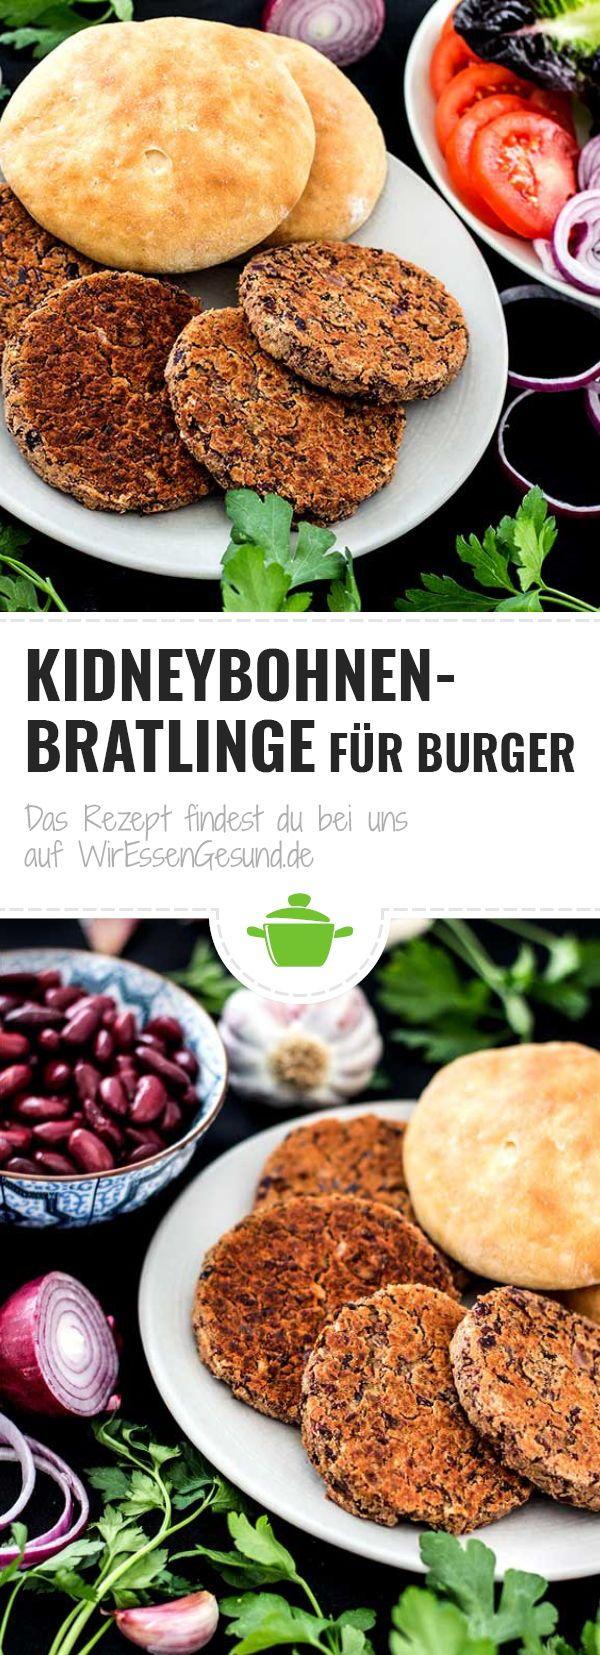 Kidneybohnen-Bratlinge für Burger